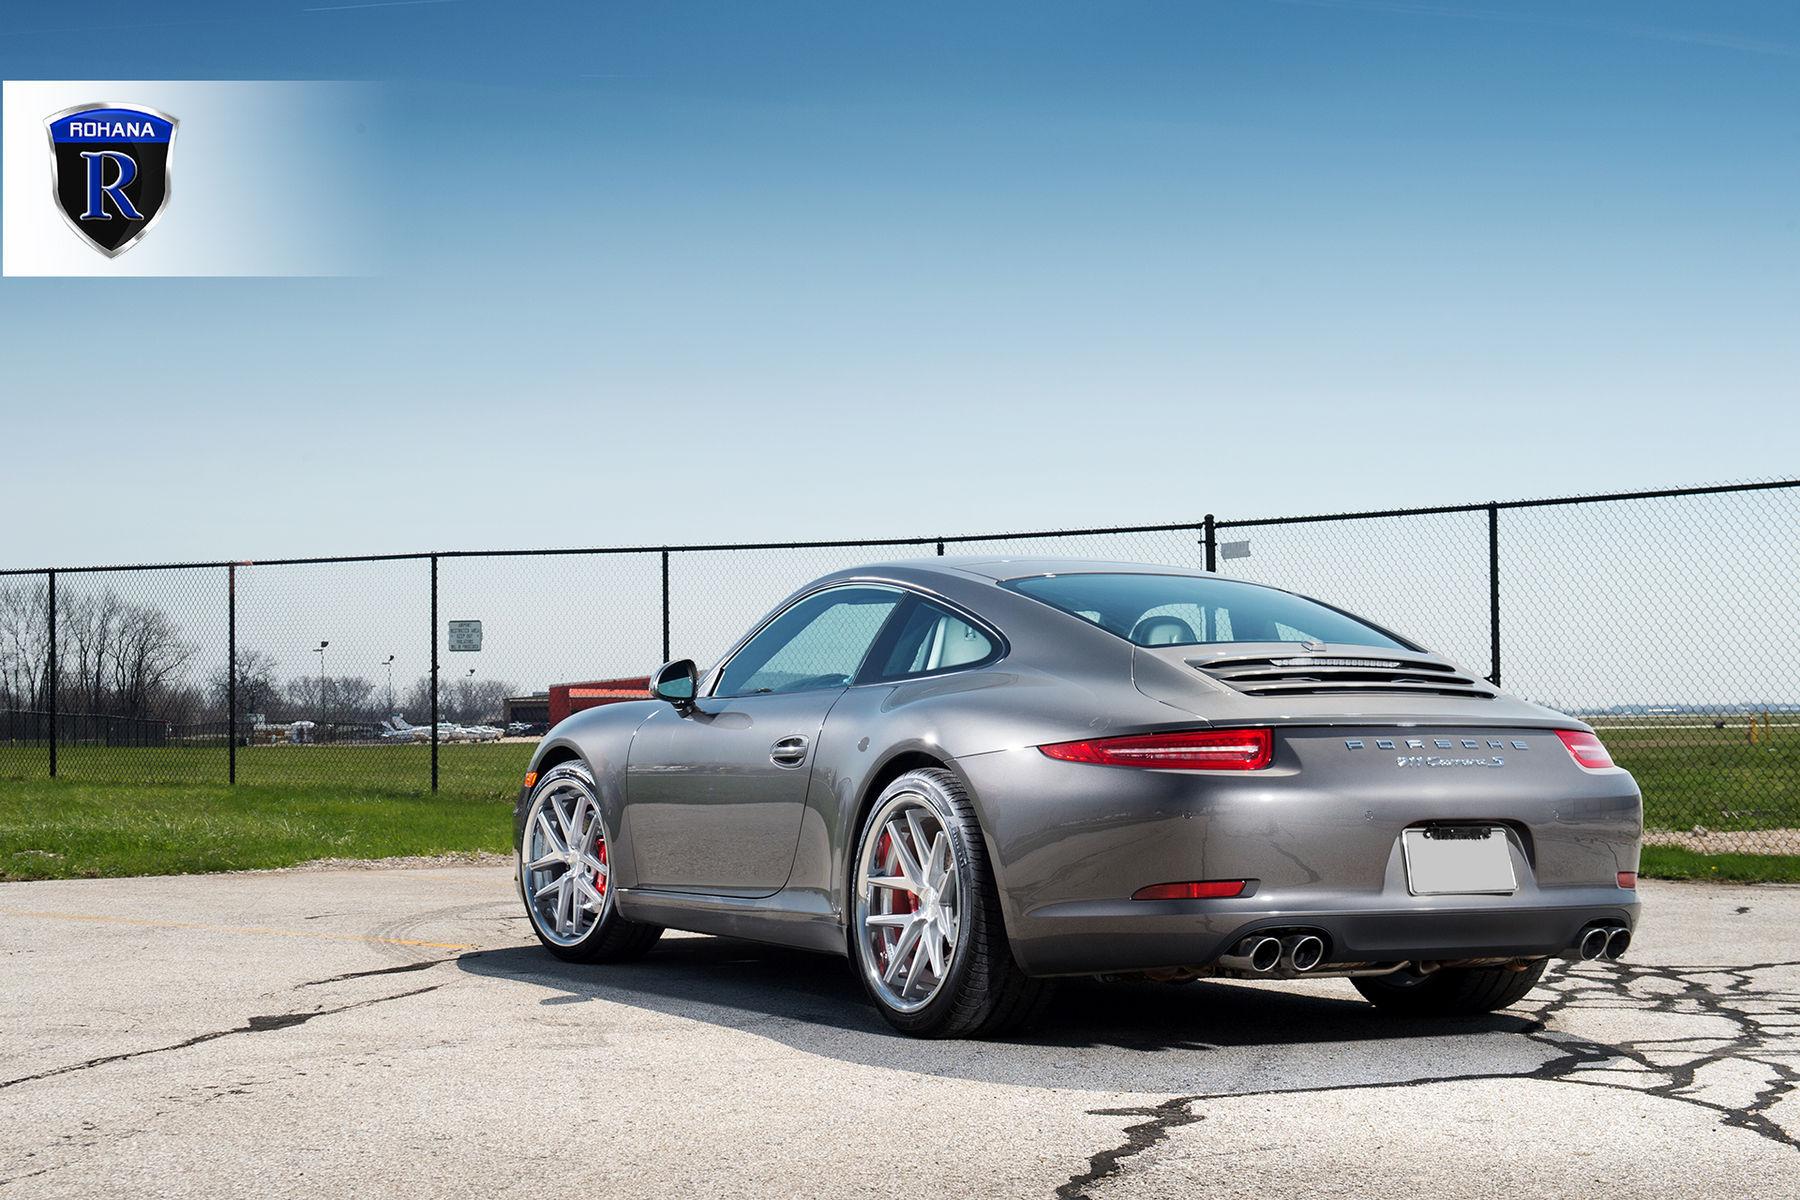 2013 Porsche 911 | Porsche 911 Carrera S